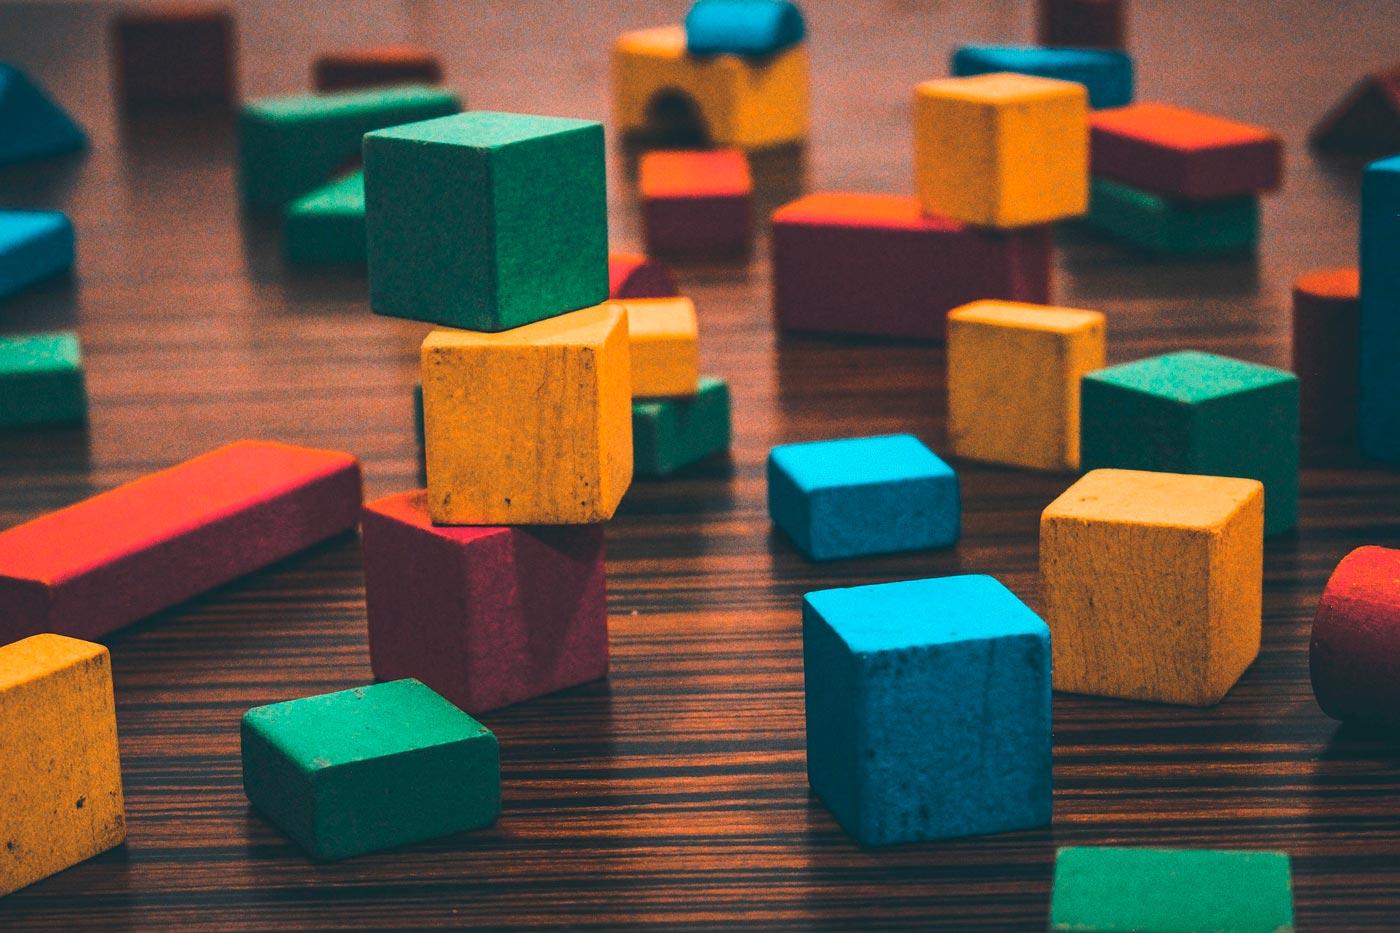 ¿Qué son los objetivos de aprendizaje?